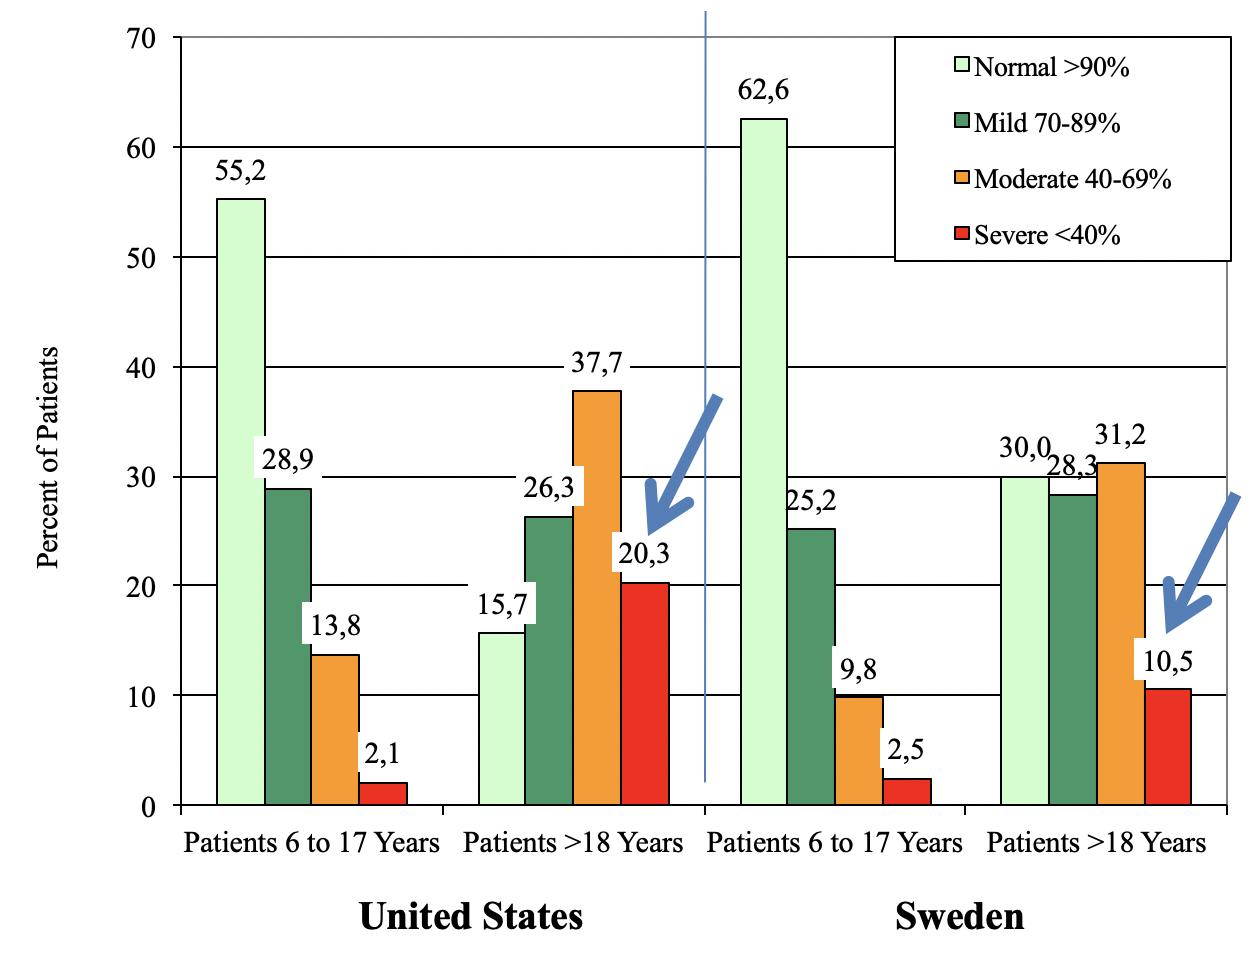 Figur 4. Jämförelse mellan lungfunktionen (uttryckt som FEV1, procent av förväntat värde) för olika åldersgrupper av CF patienter i USA och Sverige. Notera särskilt den stora skillnaden hos de äldre patienterna. Bilden erhållen av Dr. Anders Lindblad, 2007. *Referenspopulation: Wang and Hankinson.